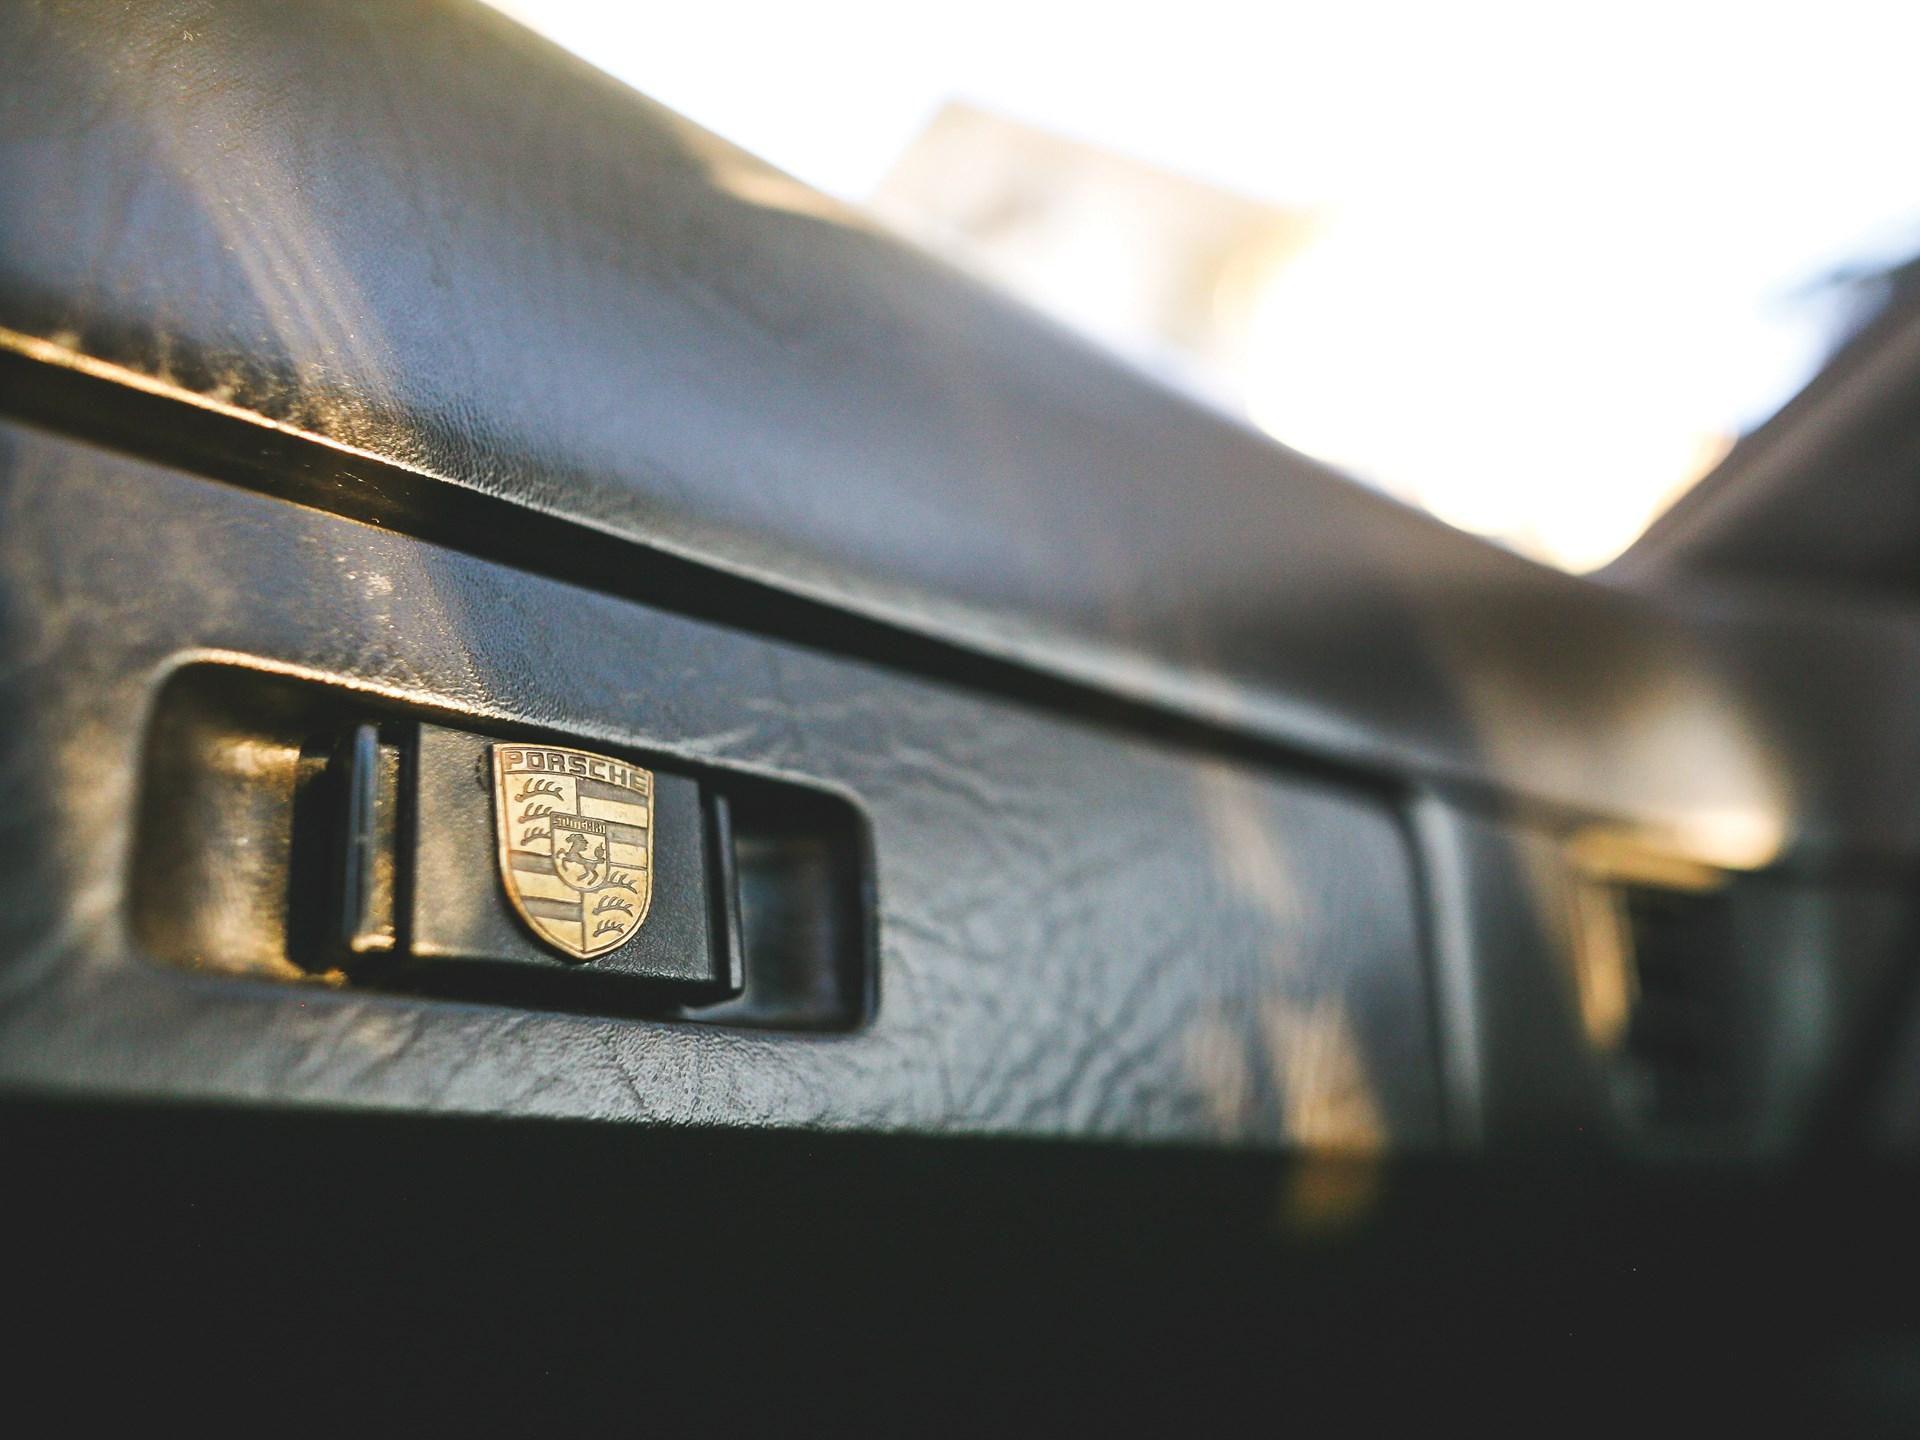 1984 Porsche 944 glovebox